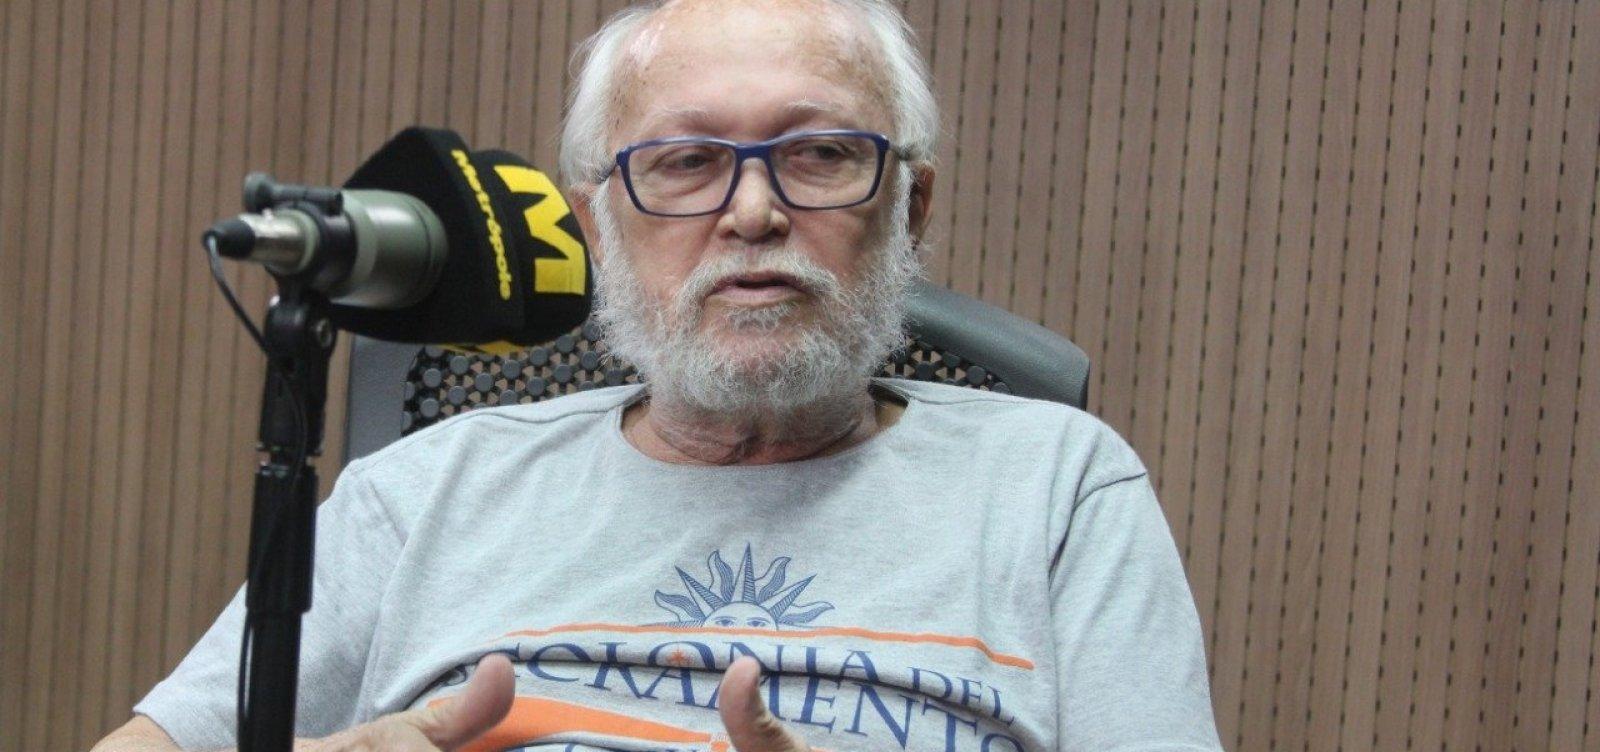 Escritor alerta para 'renúncia à liberdade' em voto para candidato com 'discurso da tortura'